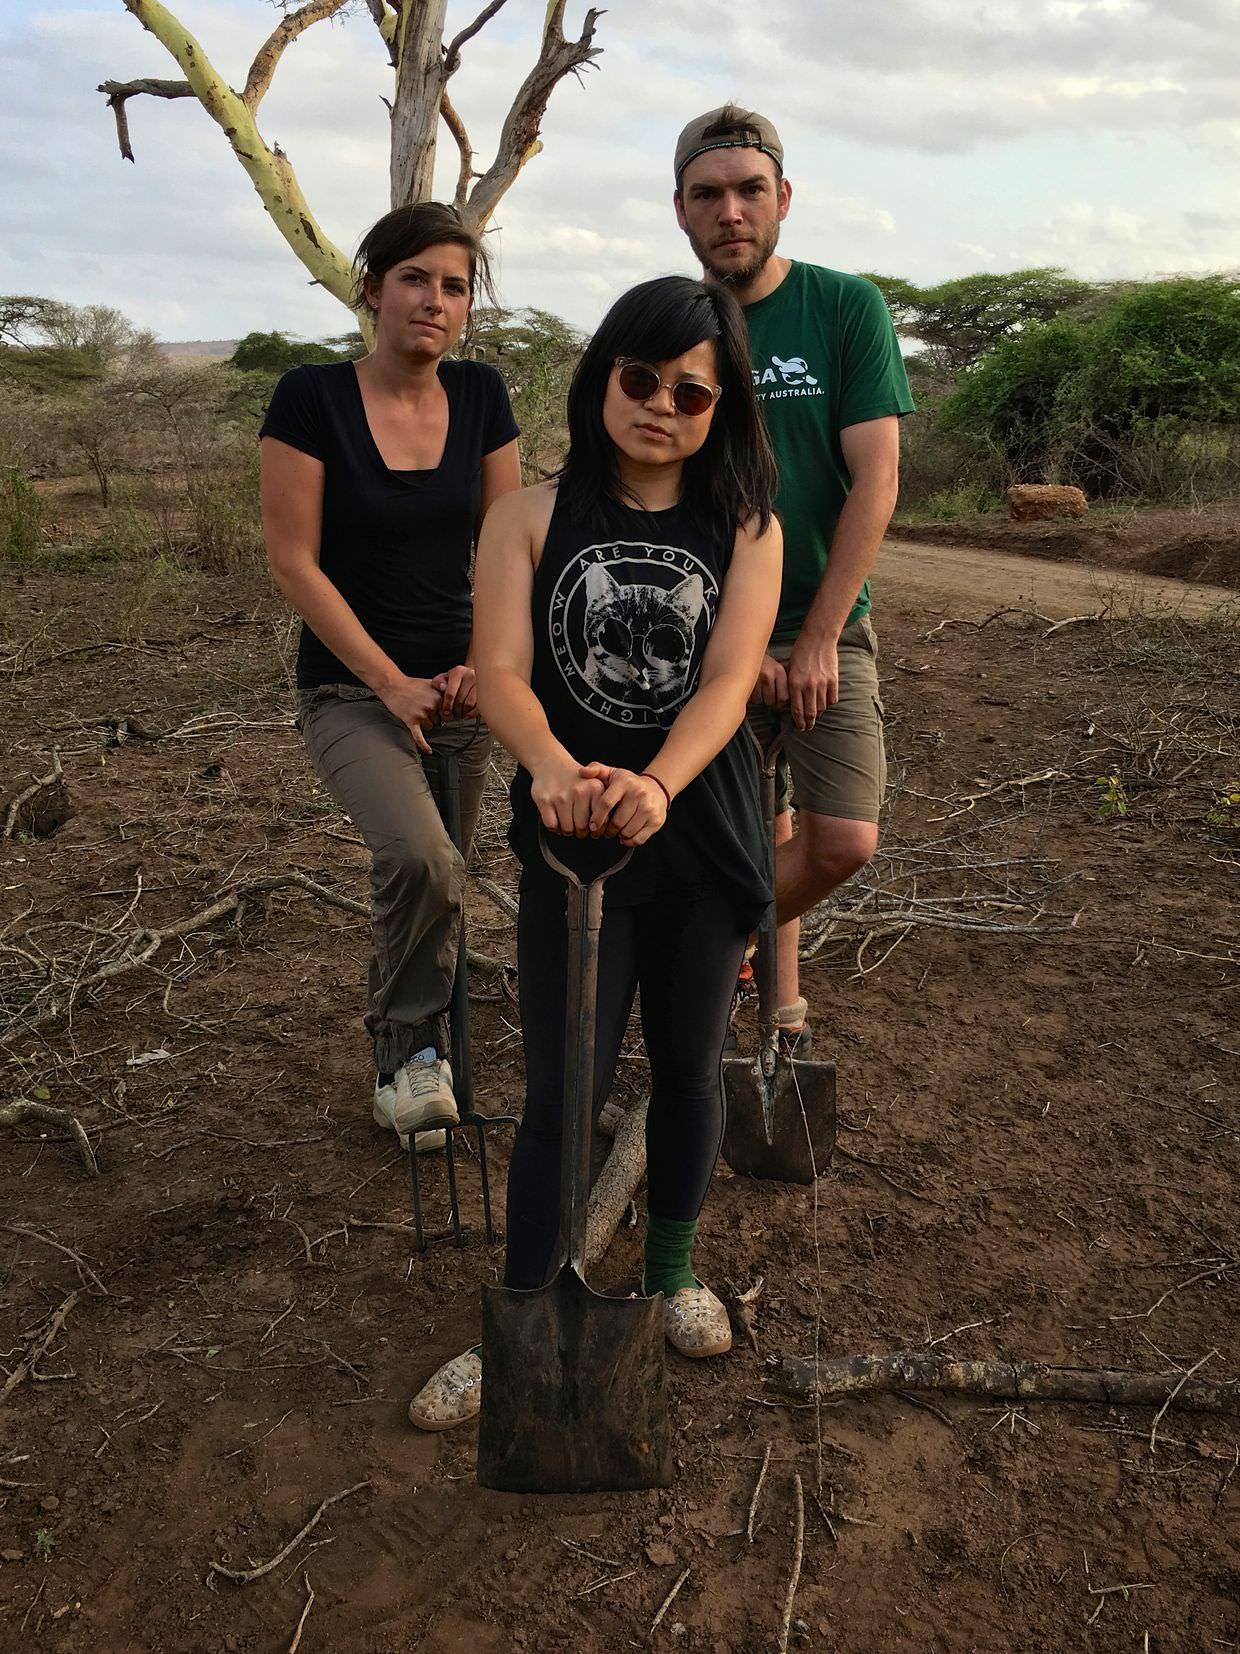 Team Africa – building roads, kicking ass